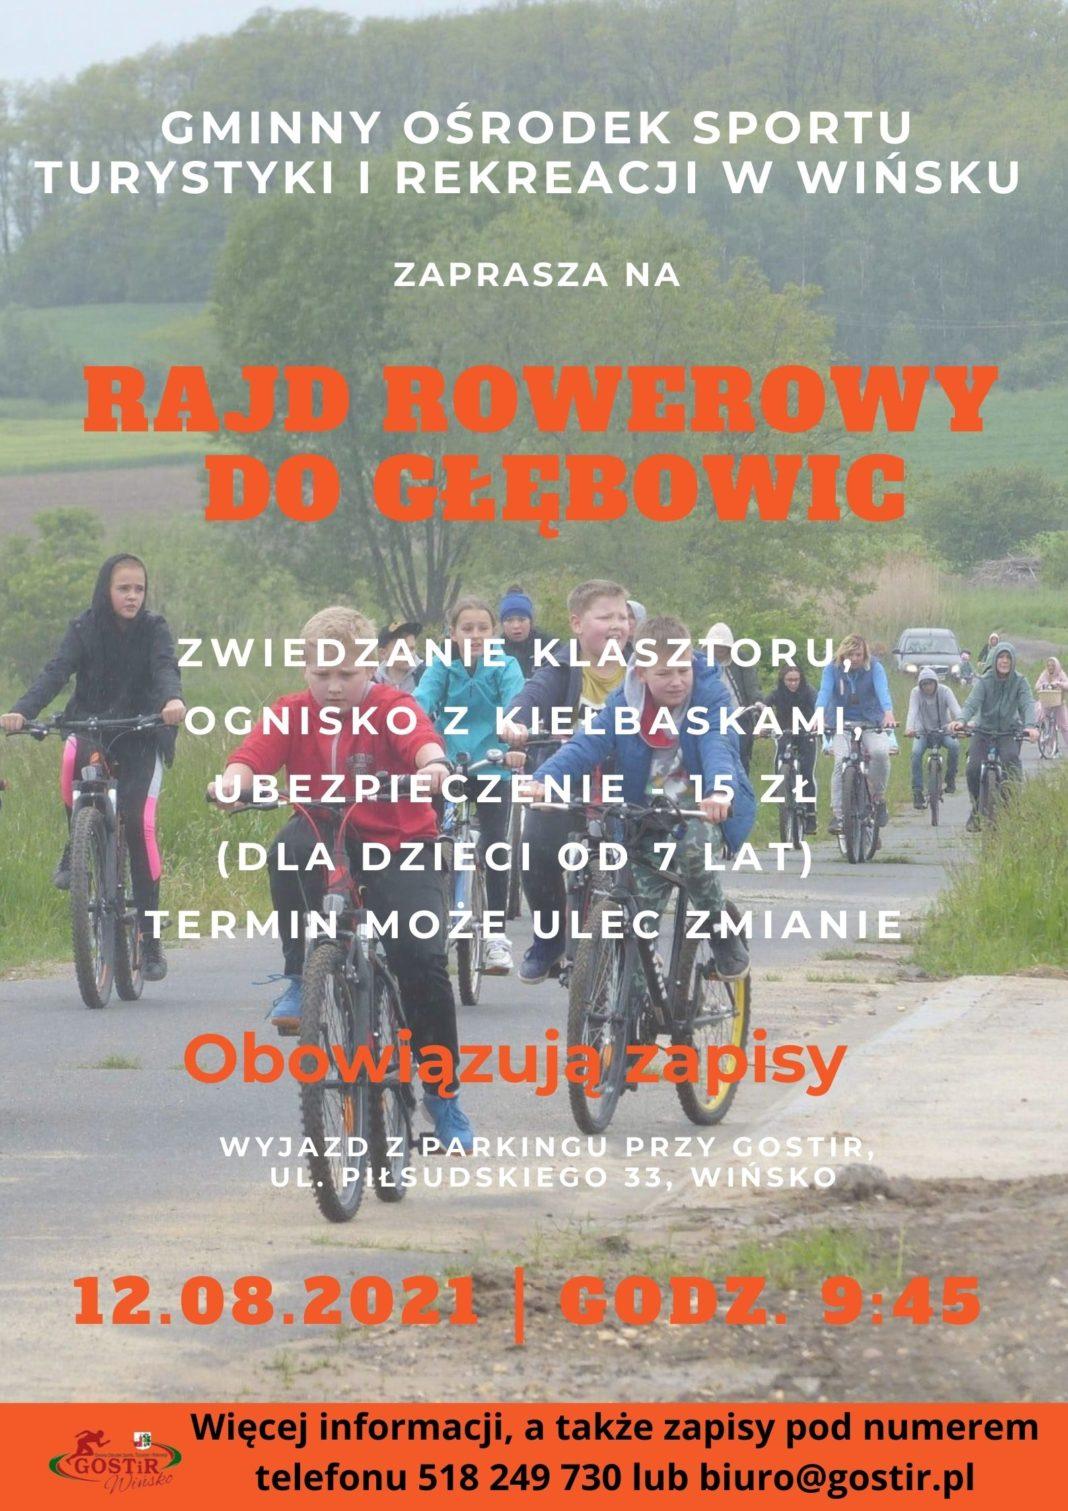 Plakat zapraszający na Rajd Rowerowy do Głębowic